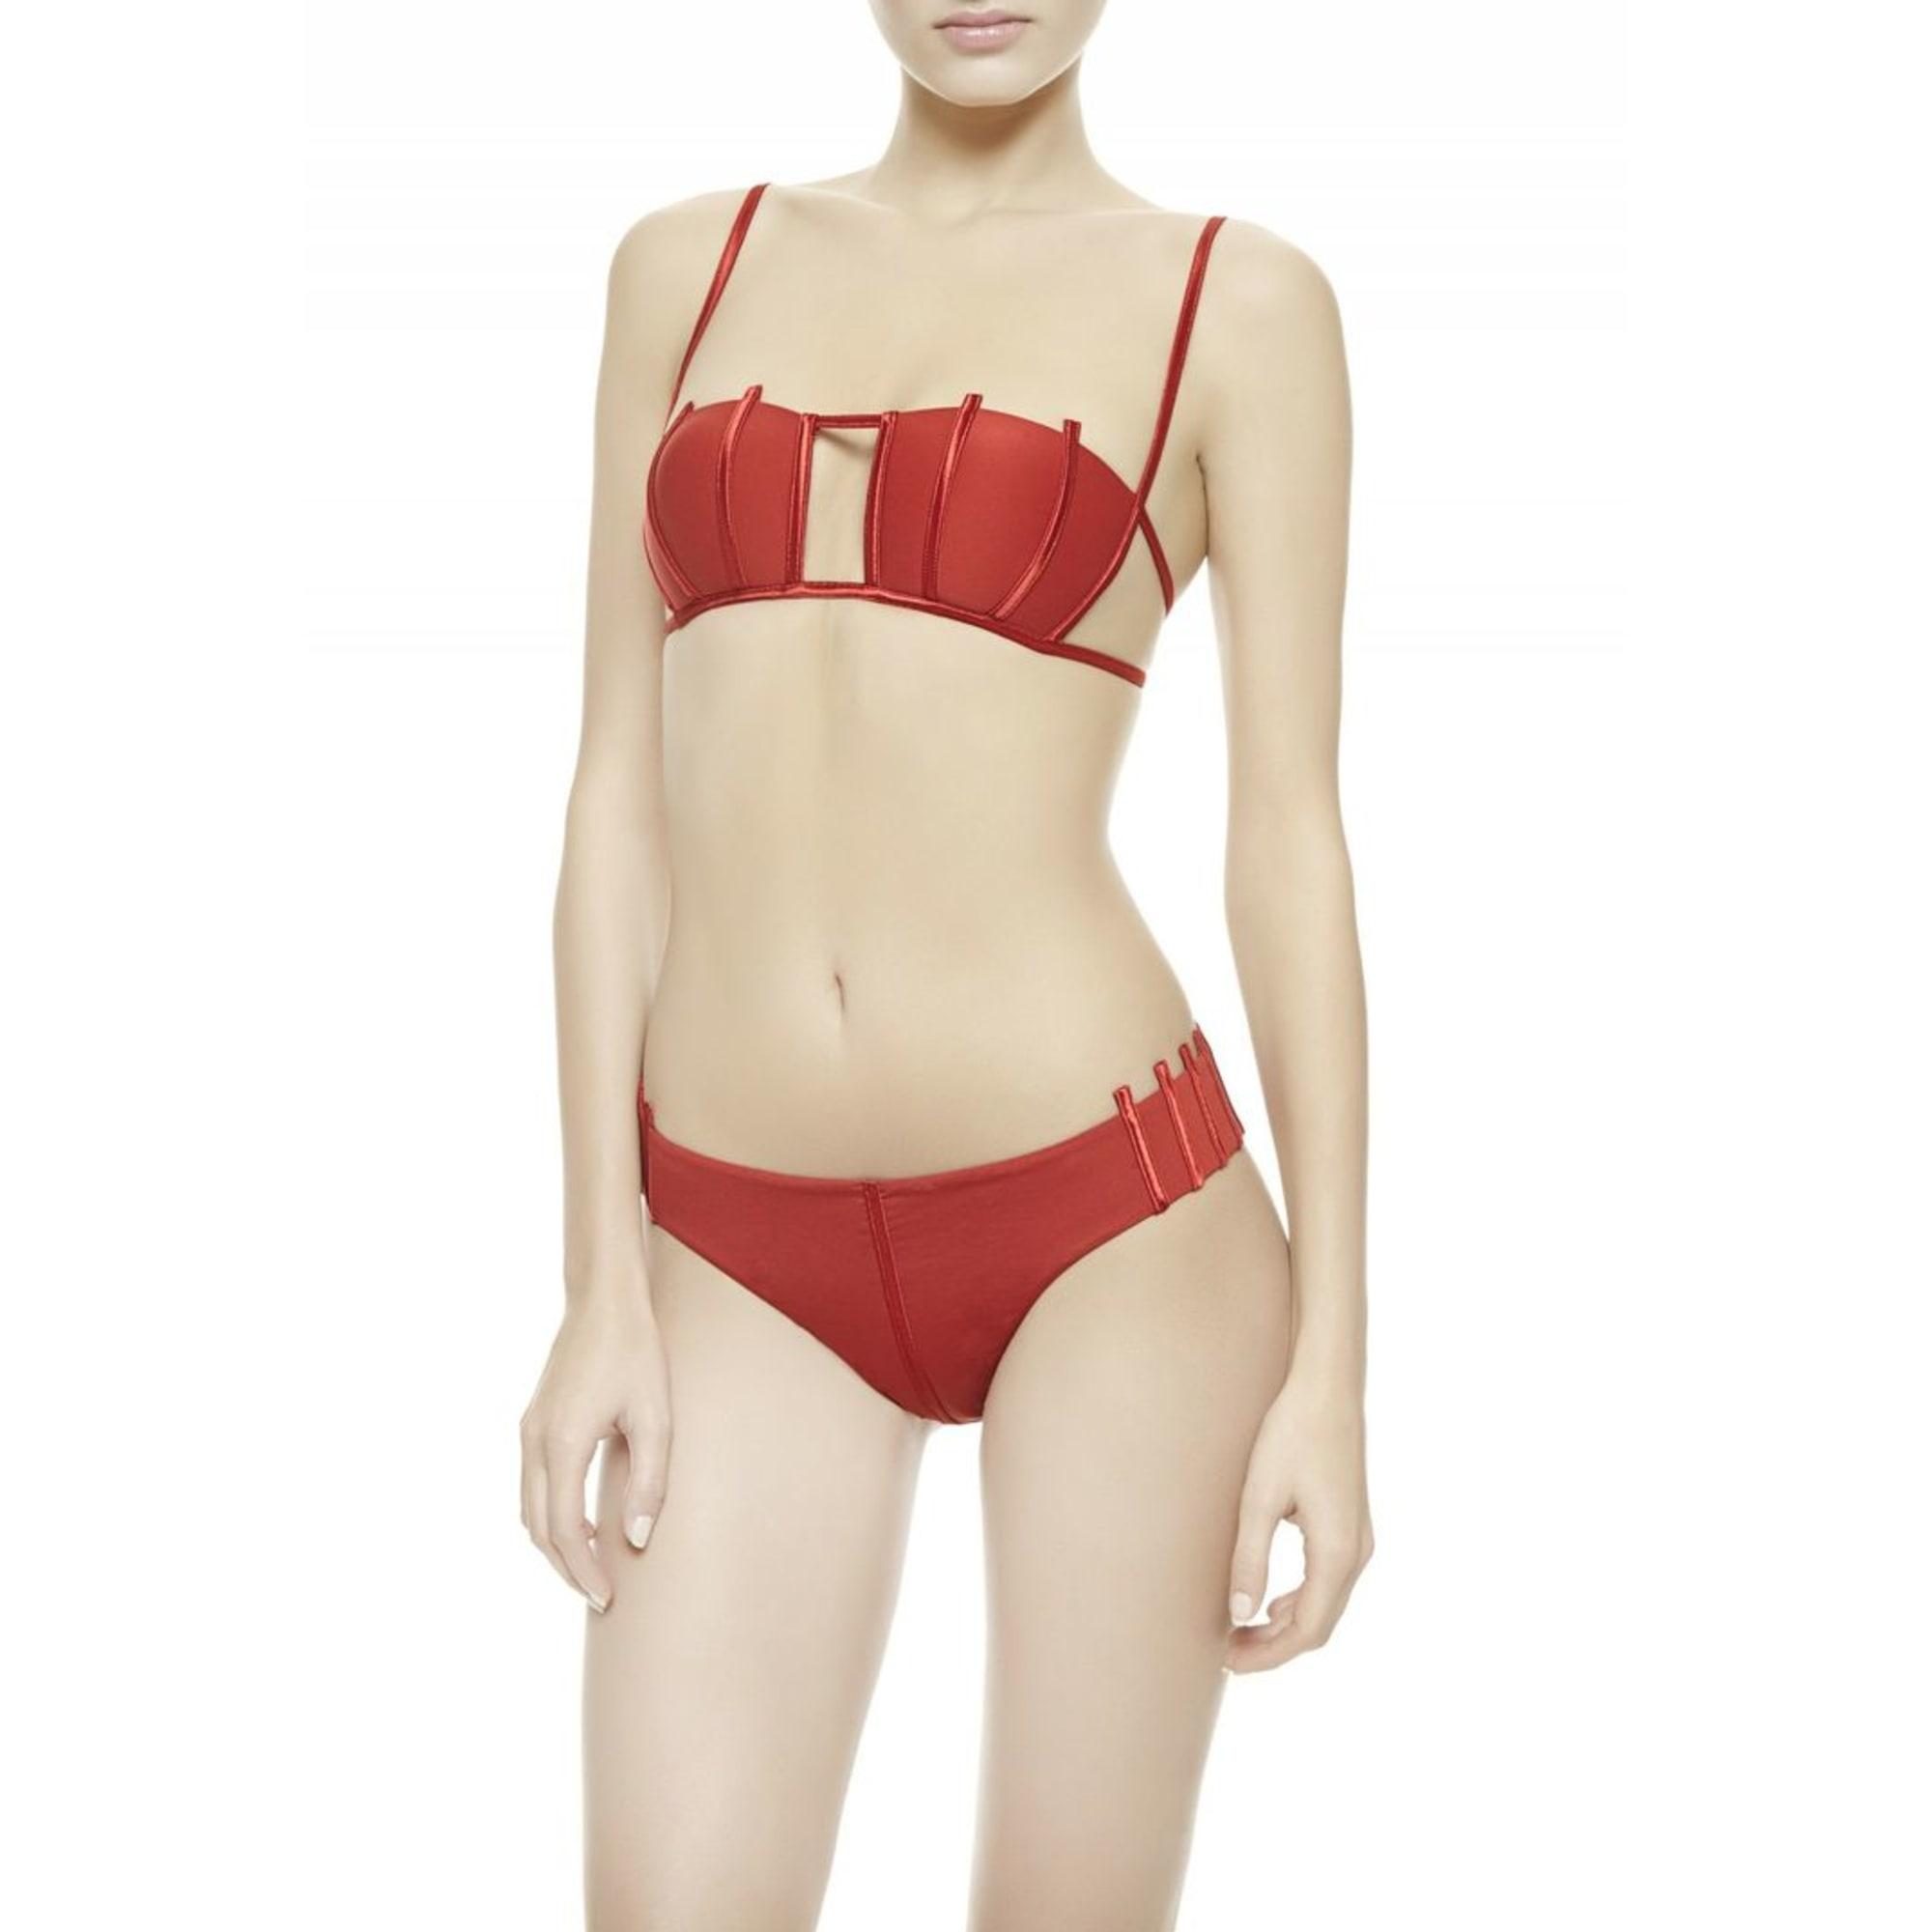 maillot de bain deux pi ces la perla 38 m t2 rouge. Black Bedroom Furniture Sets. Home Design Ideas